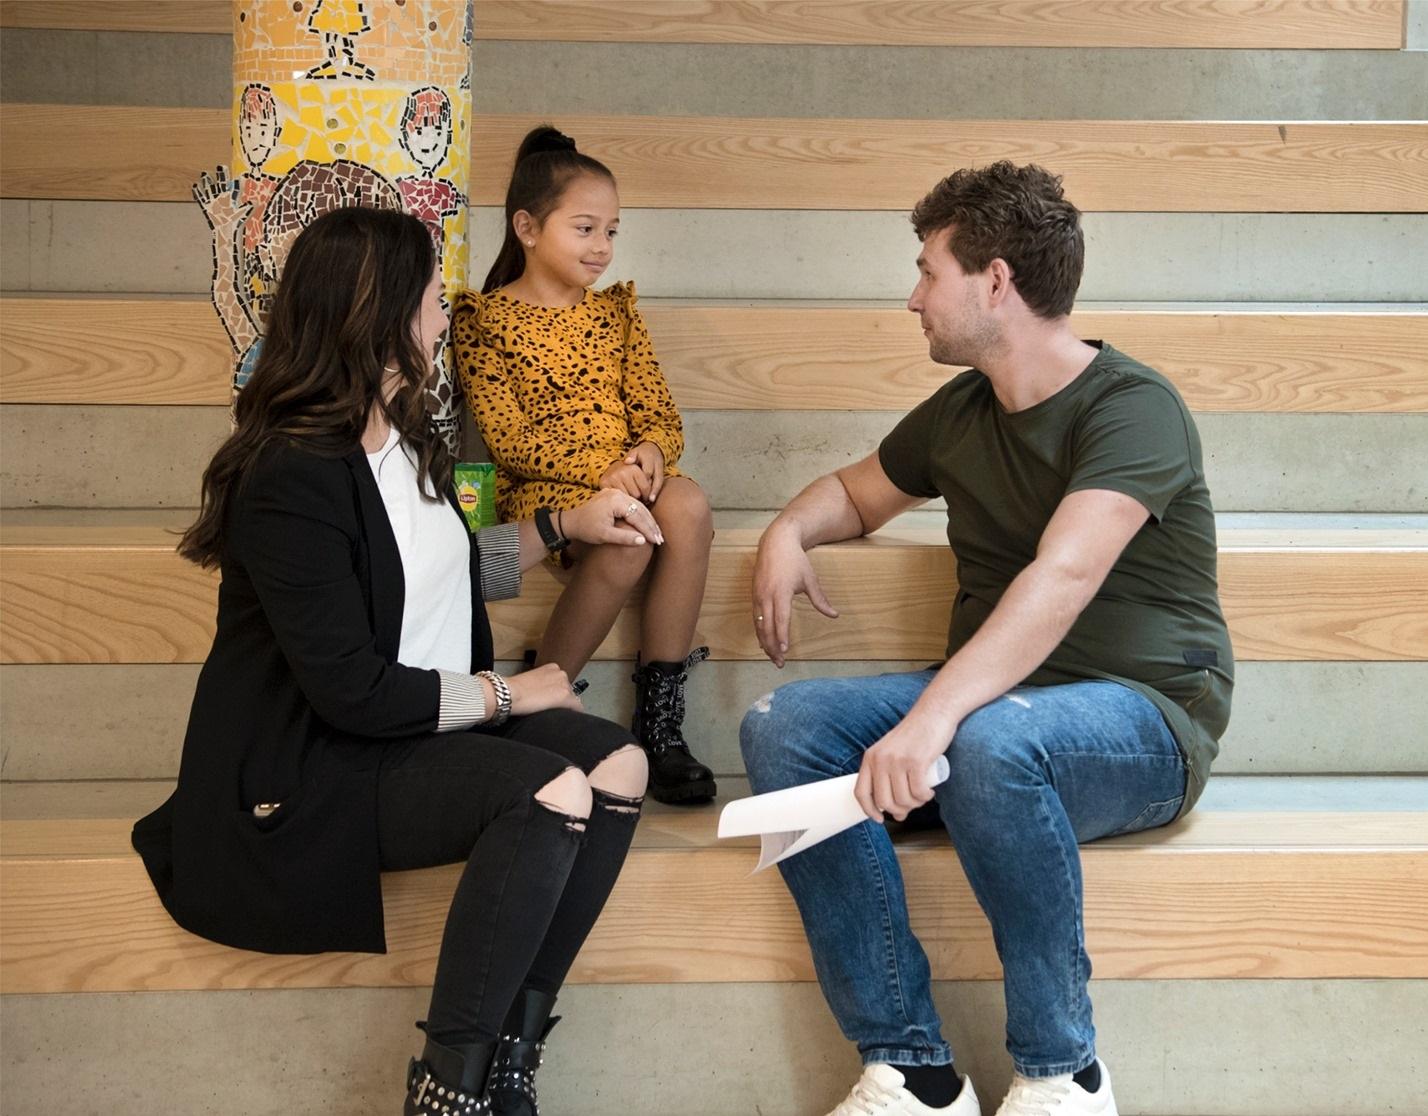 foto van kind en twee volwassenen